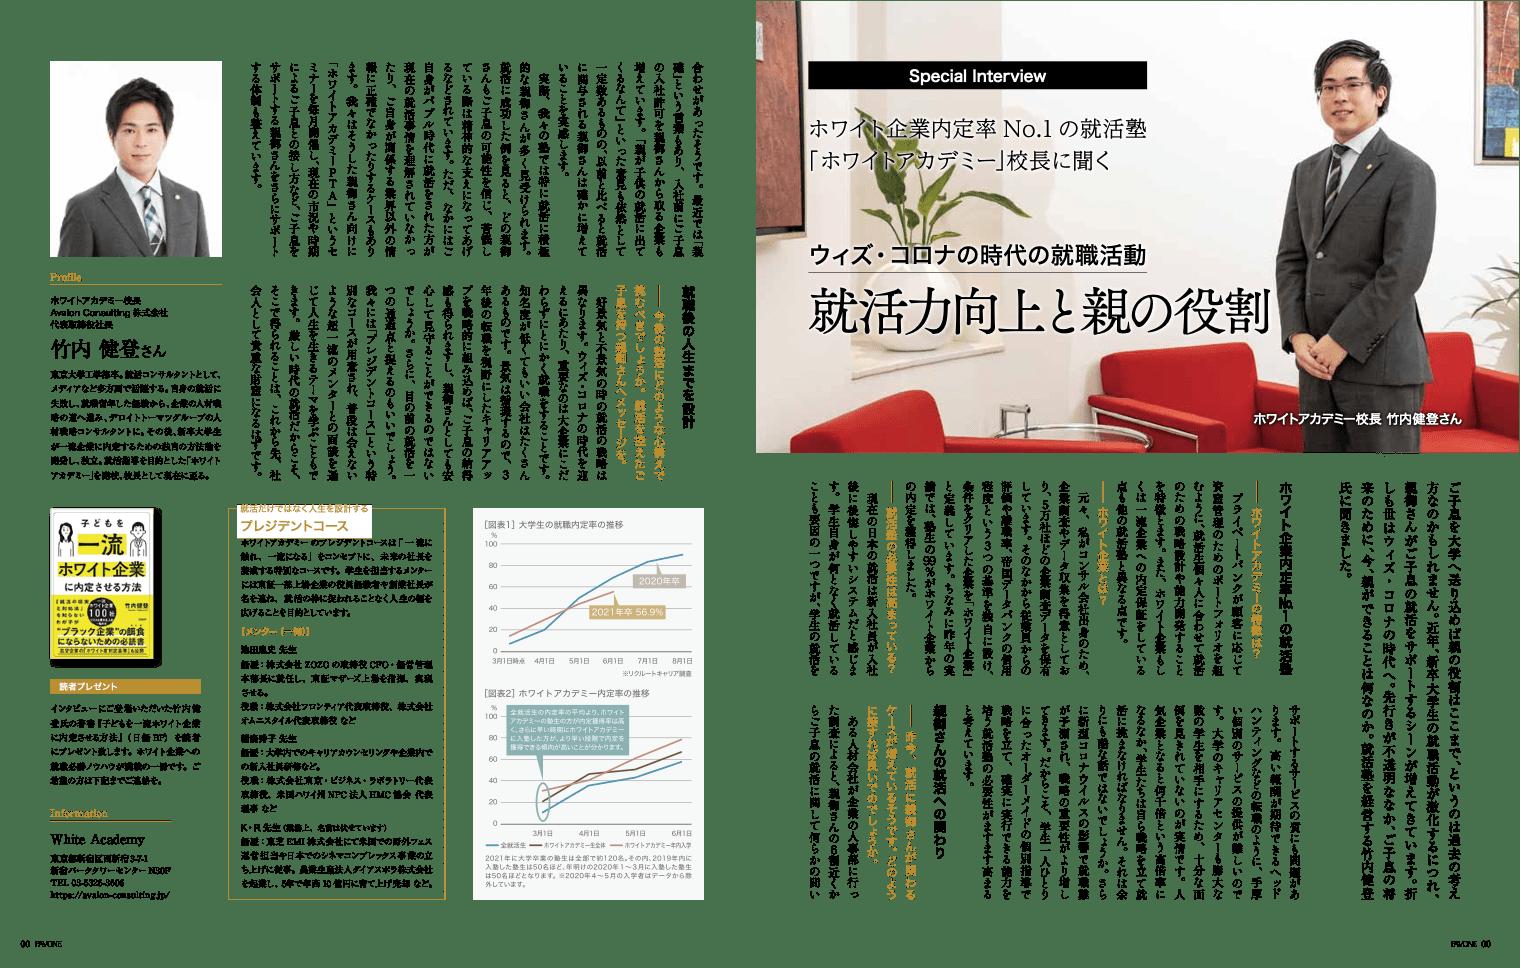 PAVONEのホワイトアカデミー紹介記事